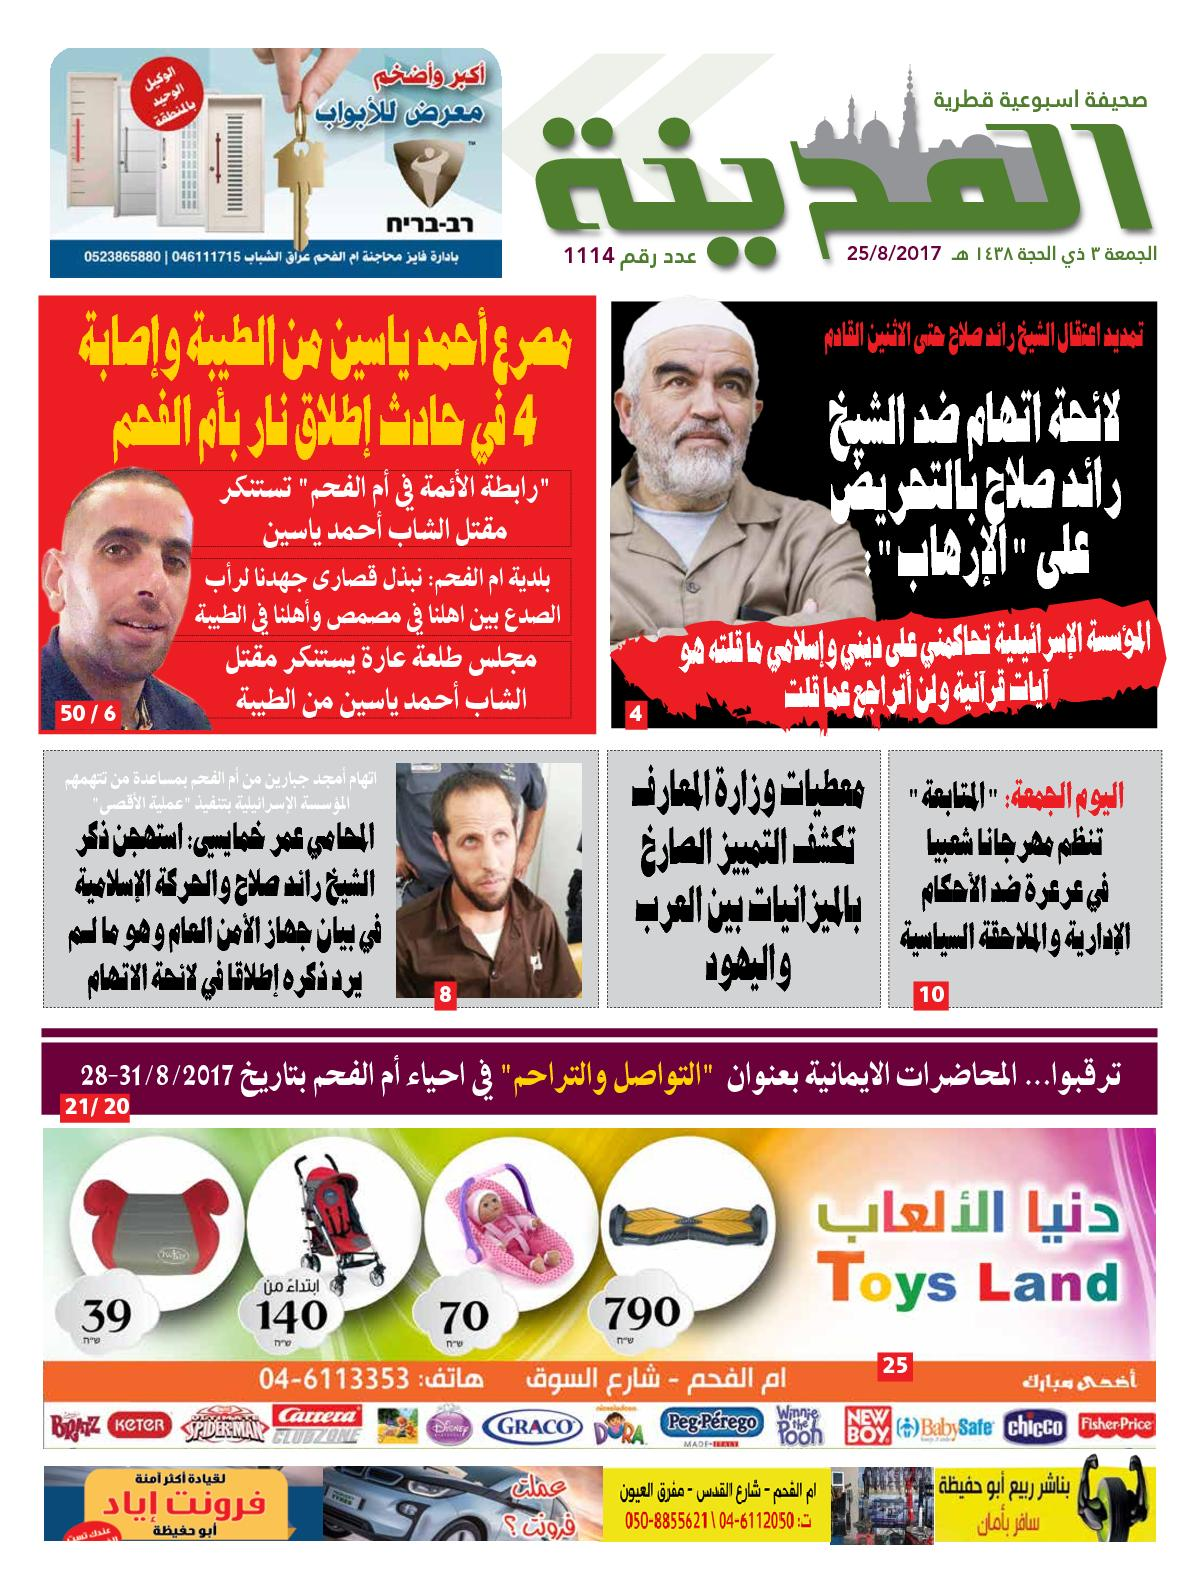 جريدة المدينة 25.8.2017